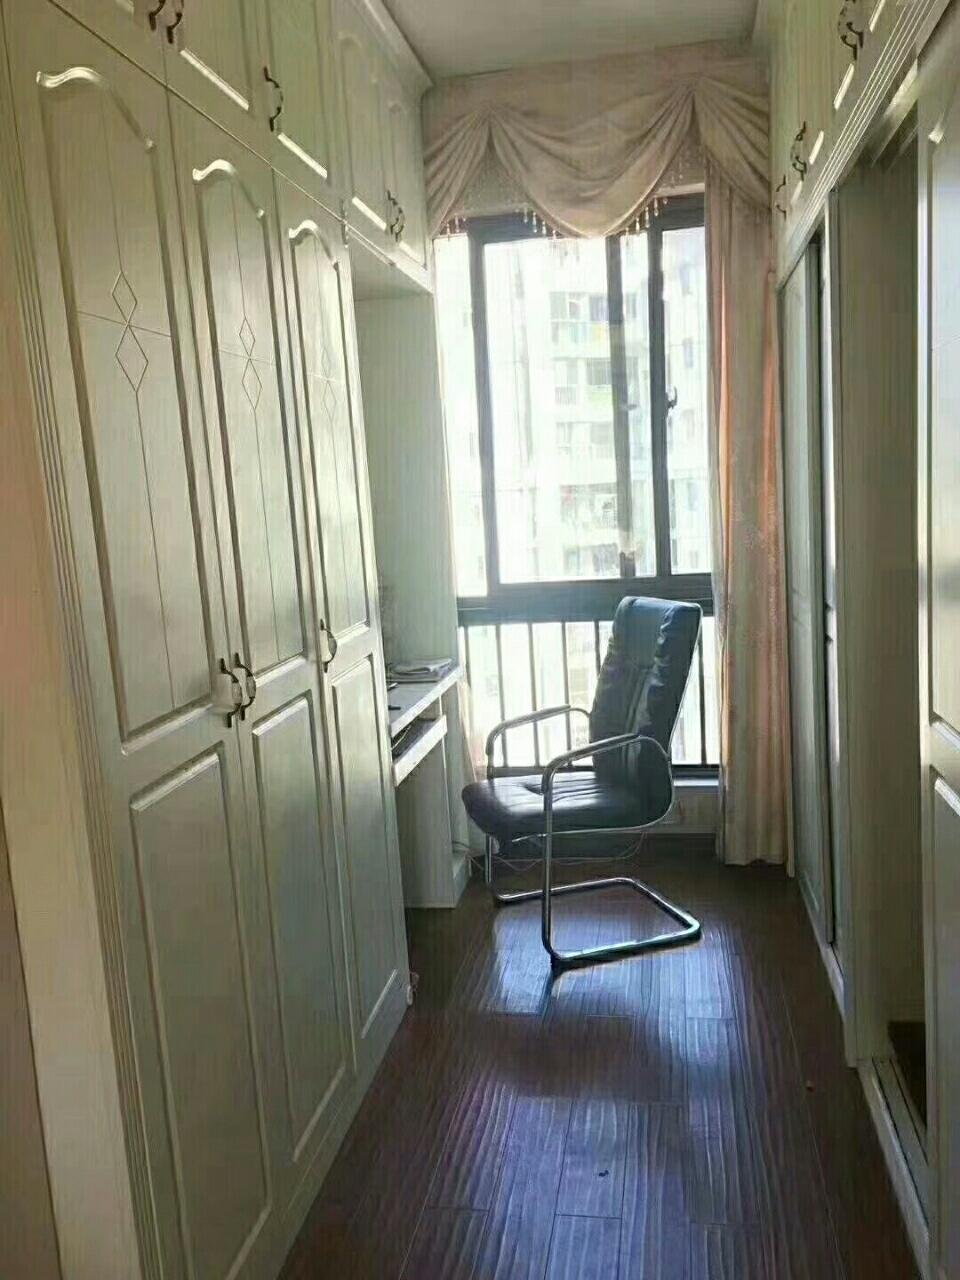 美地华府4室2厅2卫83.8万元